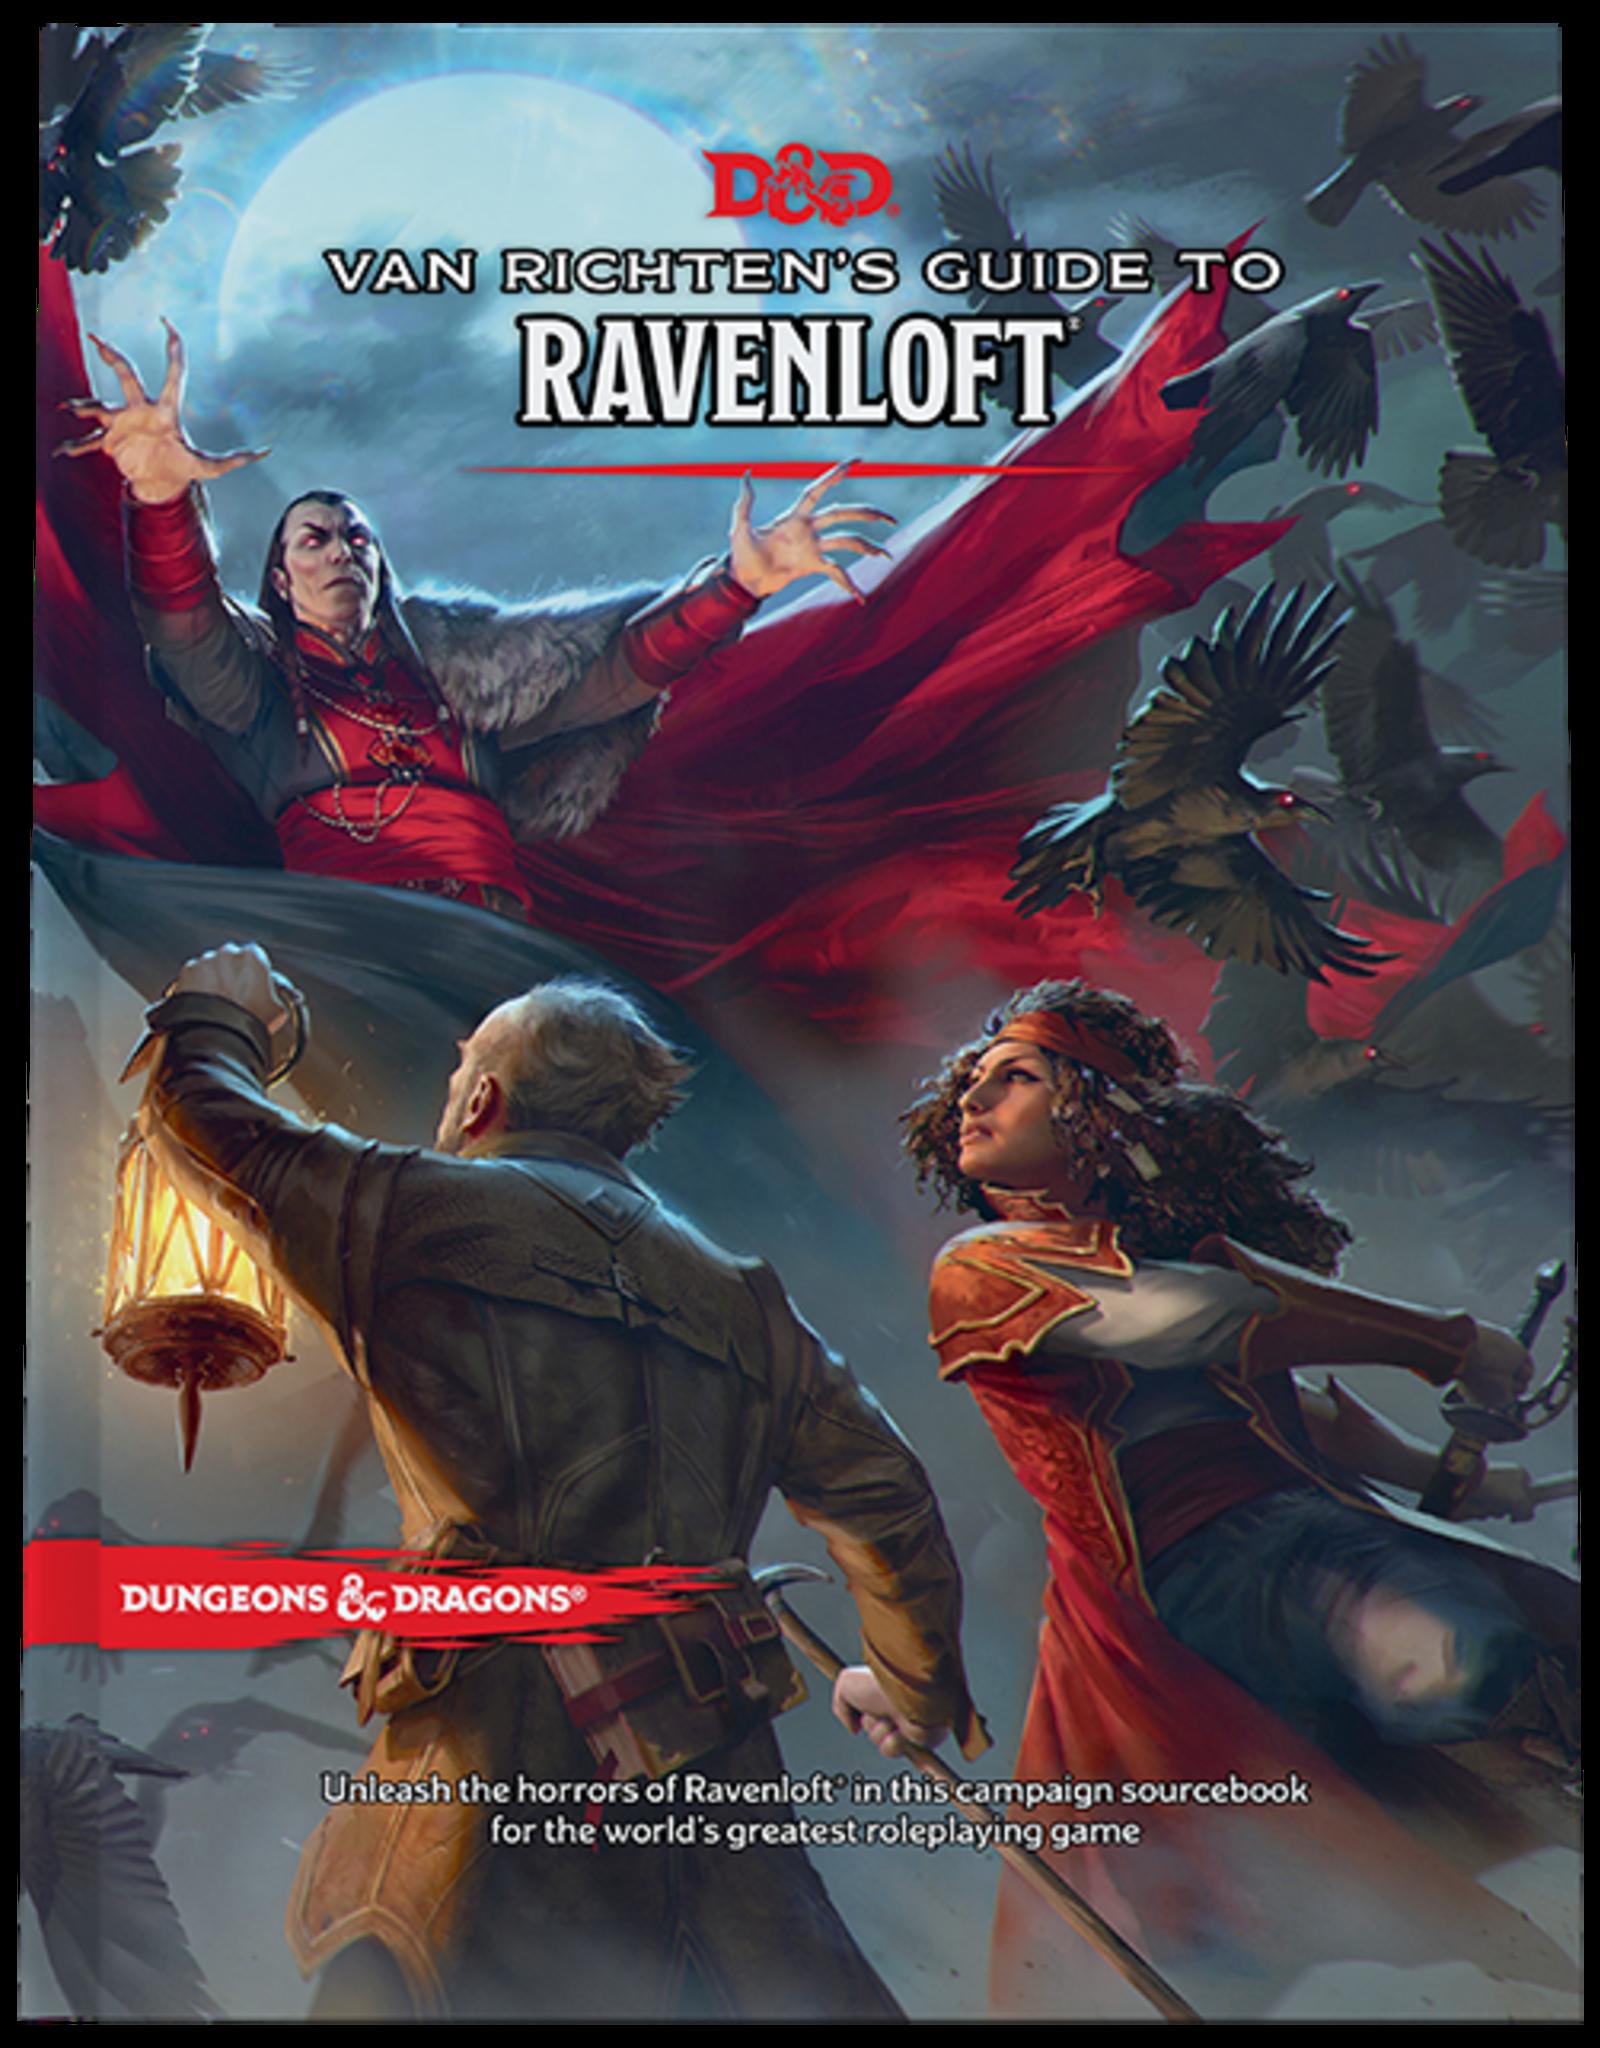 Wizards of the Coast Van Richten's Guide to Ravenloft - Regular Art